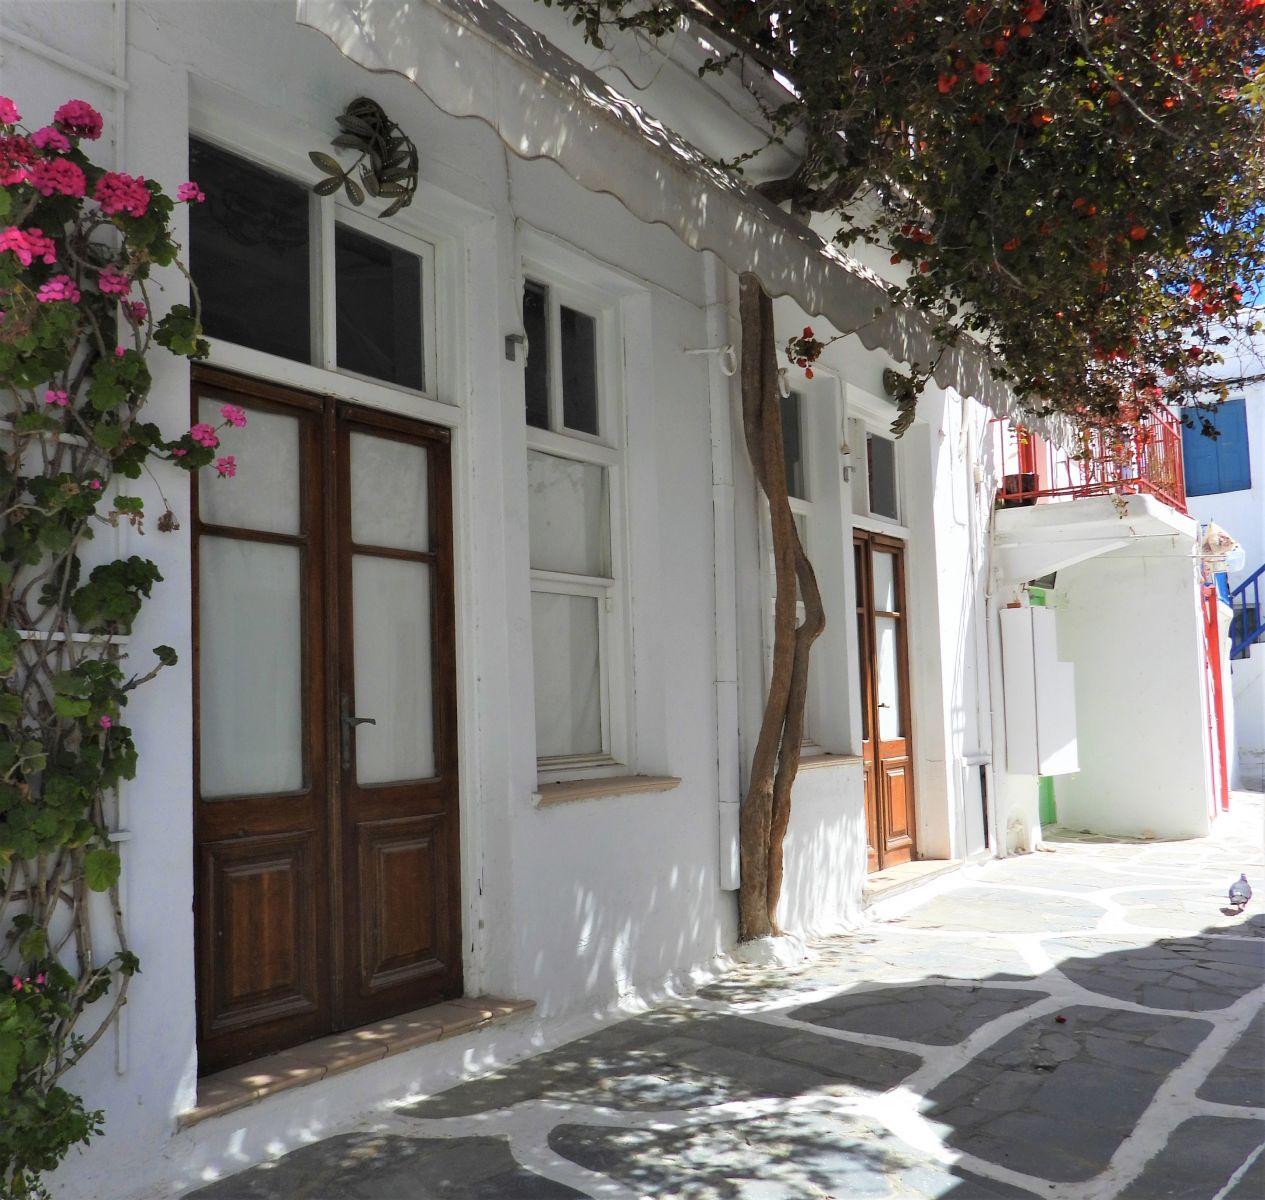 Βόμβα ολκής: Εστιατόρια της Μυκόνου κατεβάζουν ρολά - Ζητούν παράταση αναστολής λειτουργίας τους μέχρι τον Απρίλιο του '21